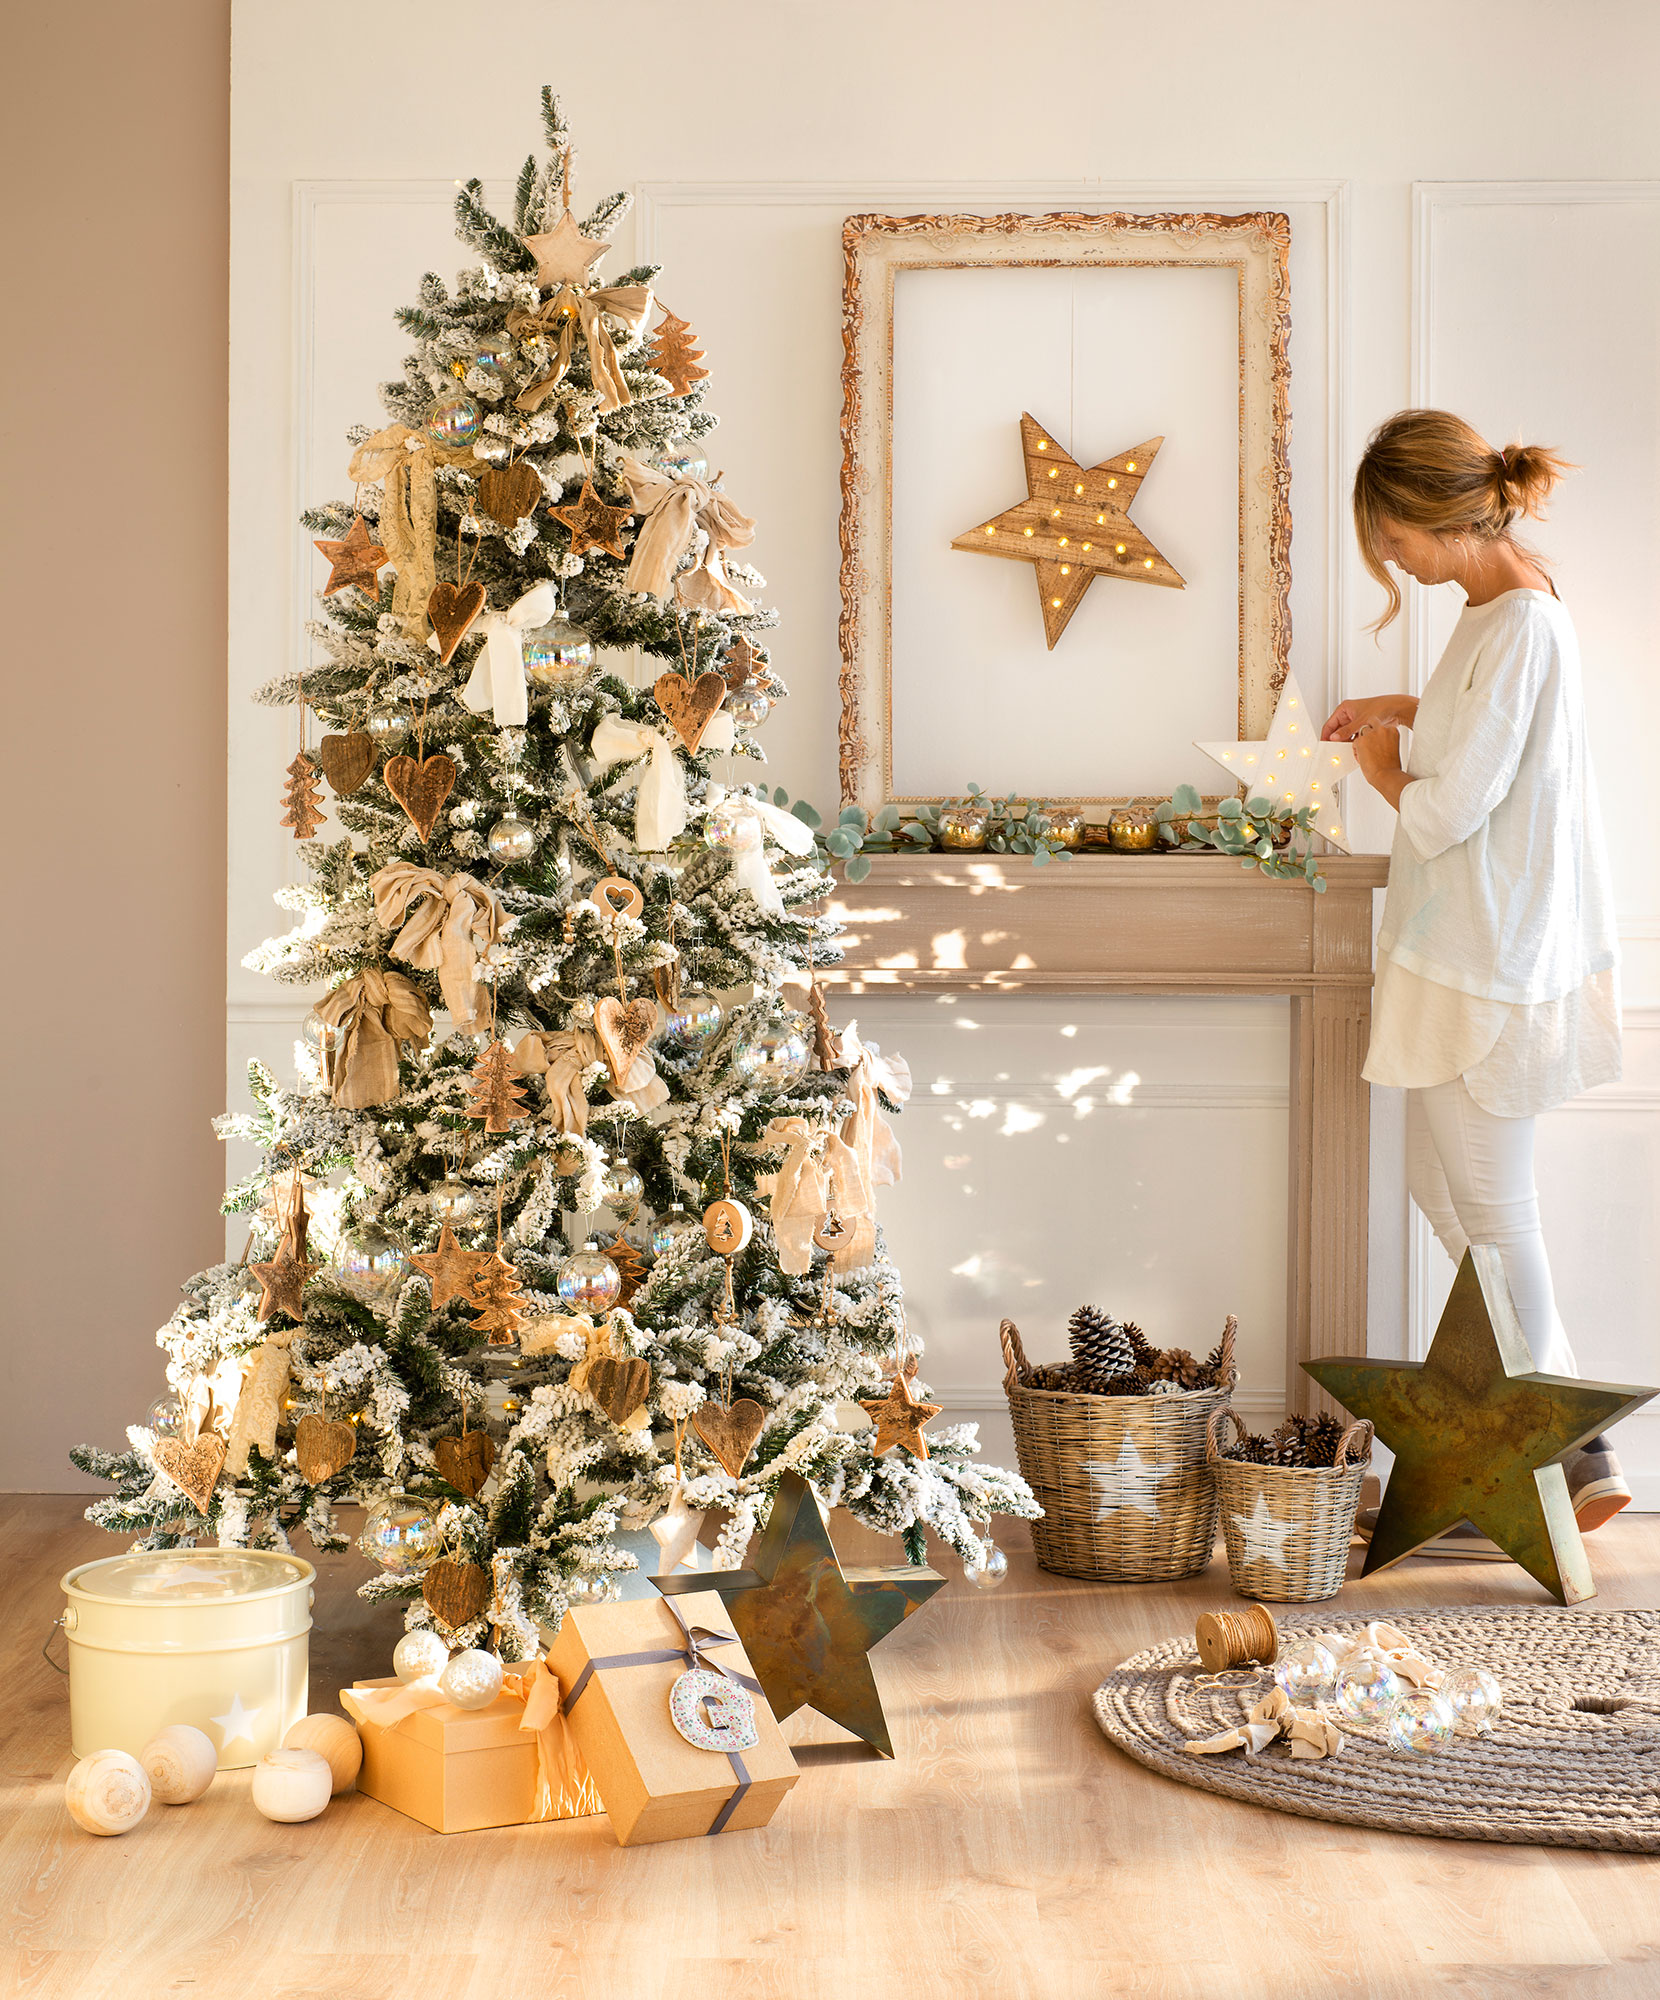 Ideas para decorar el rbol de navidad 3 rboles 3 estilos - Imagenes de arboles navidad decorados ...